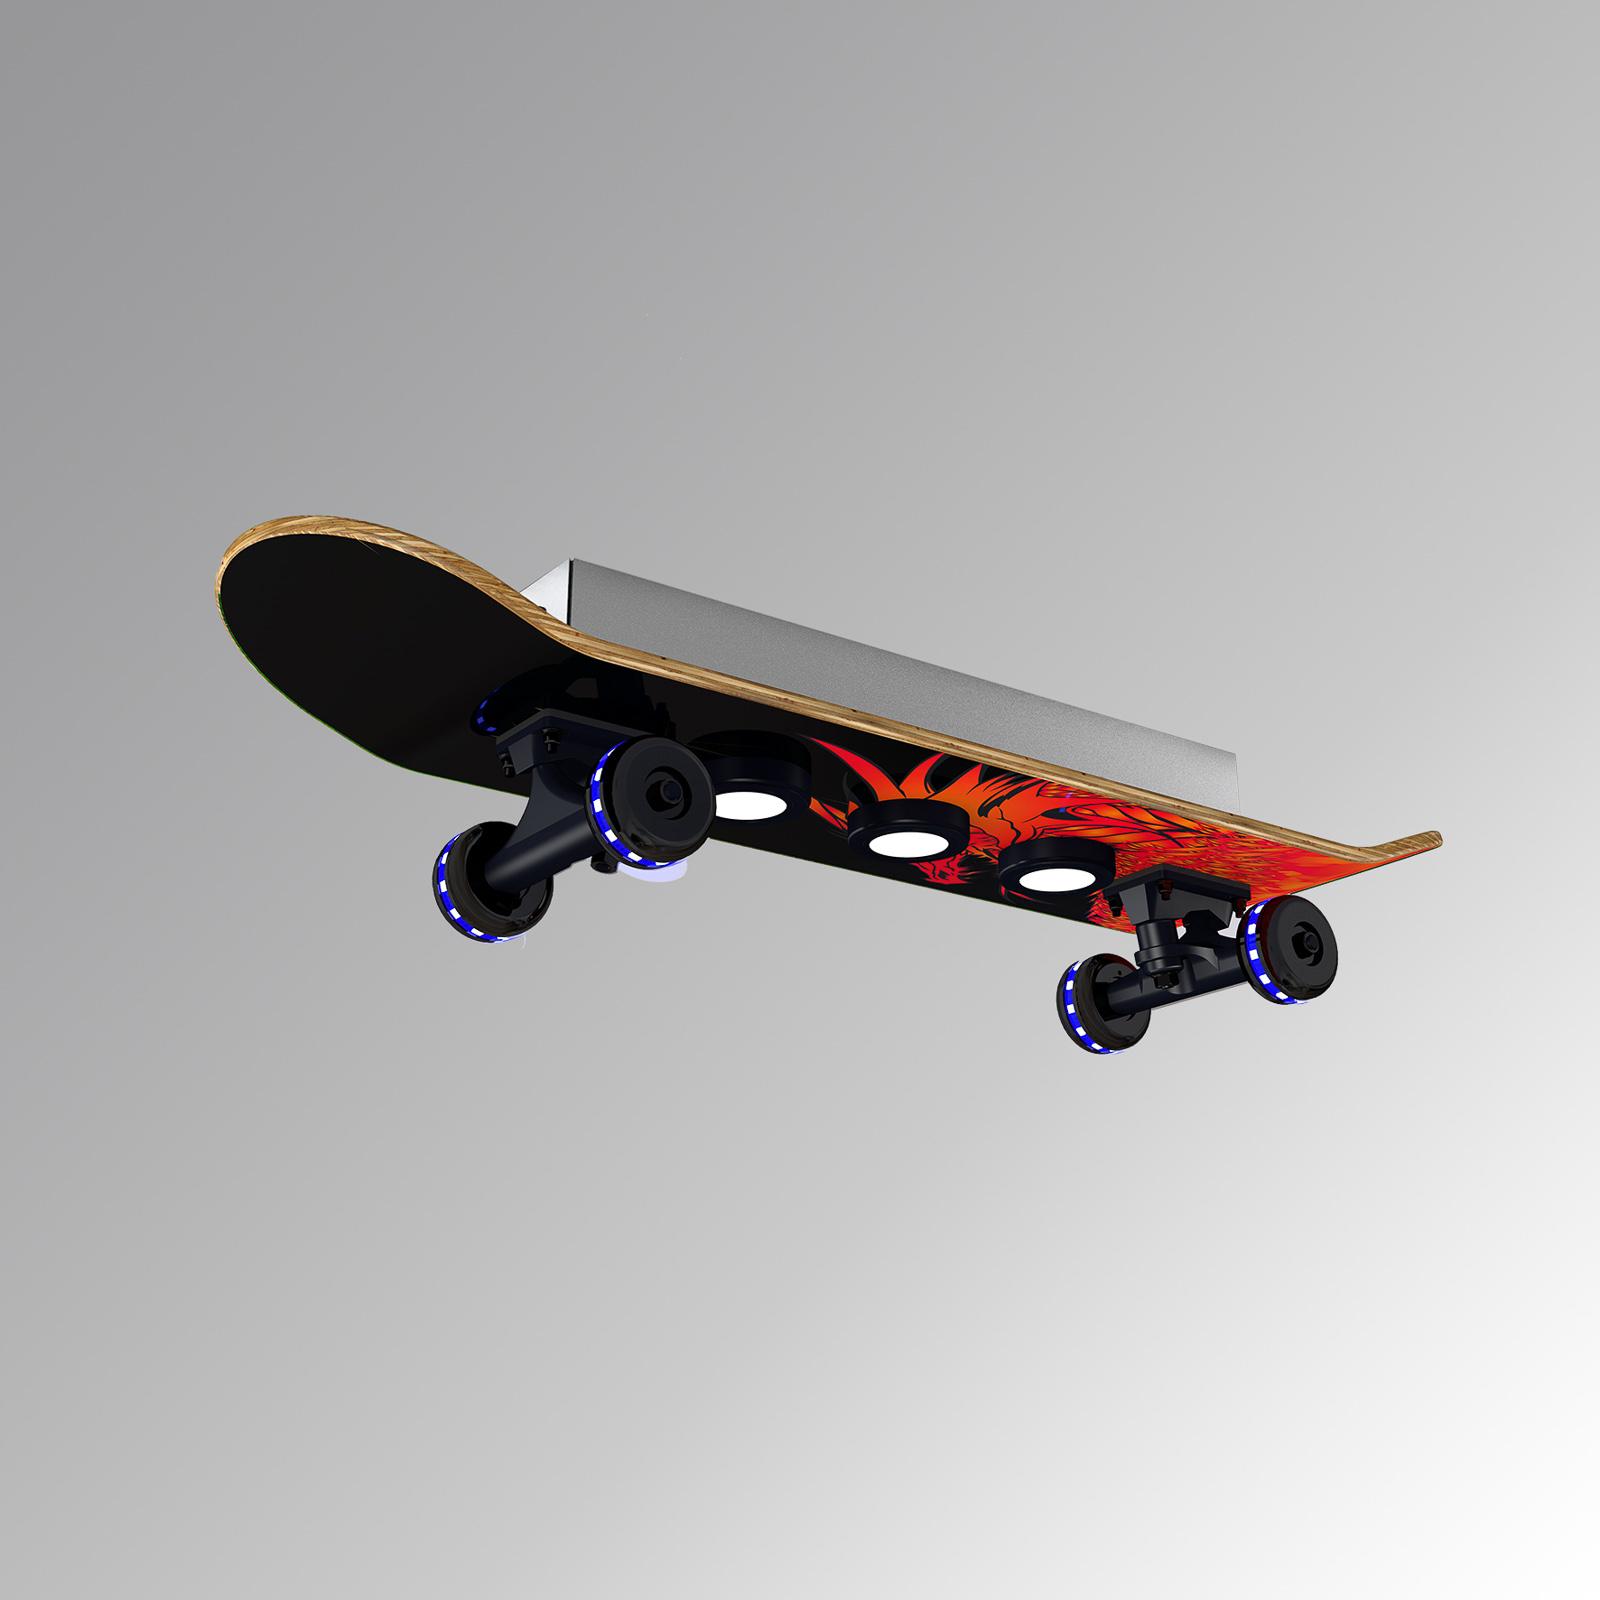 Plafondlamp Skateboard Easy Cruiser Dragon, RGBW